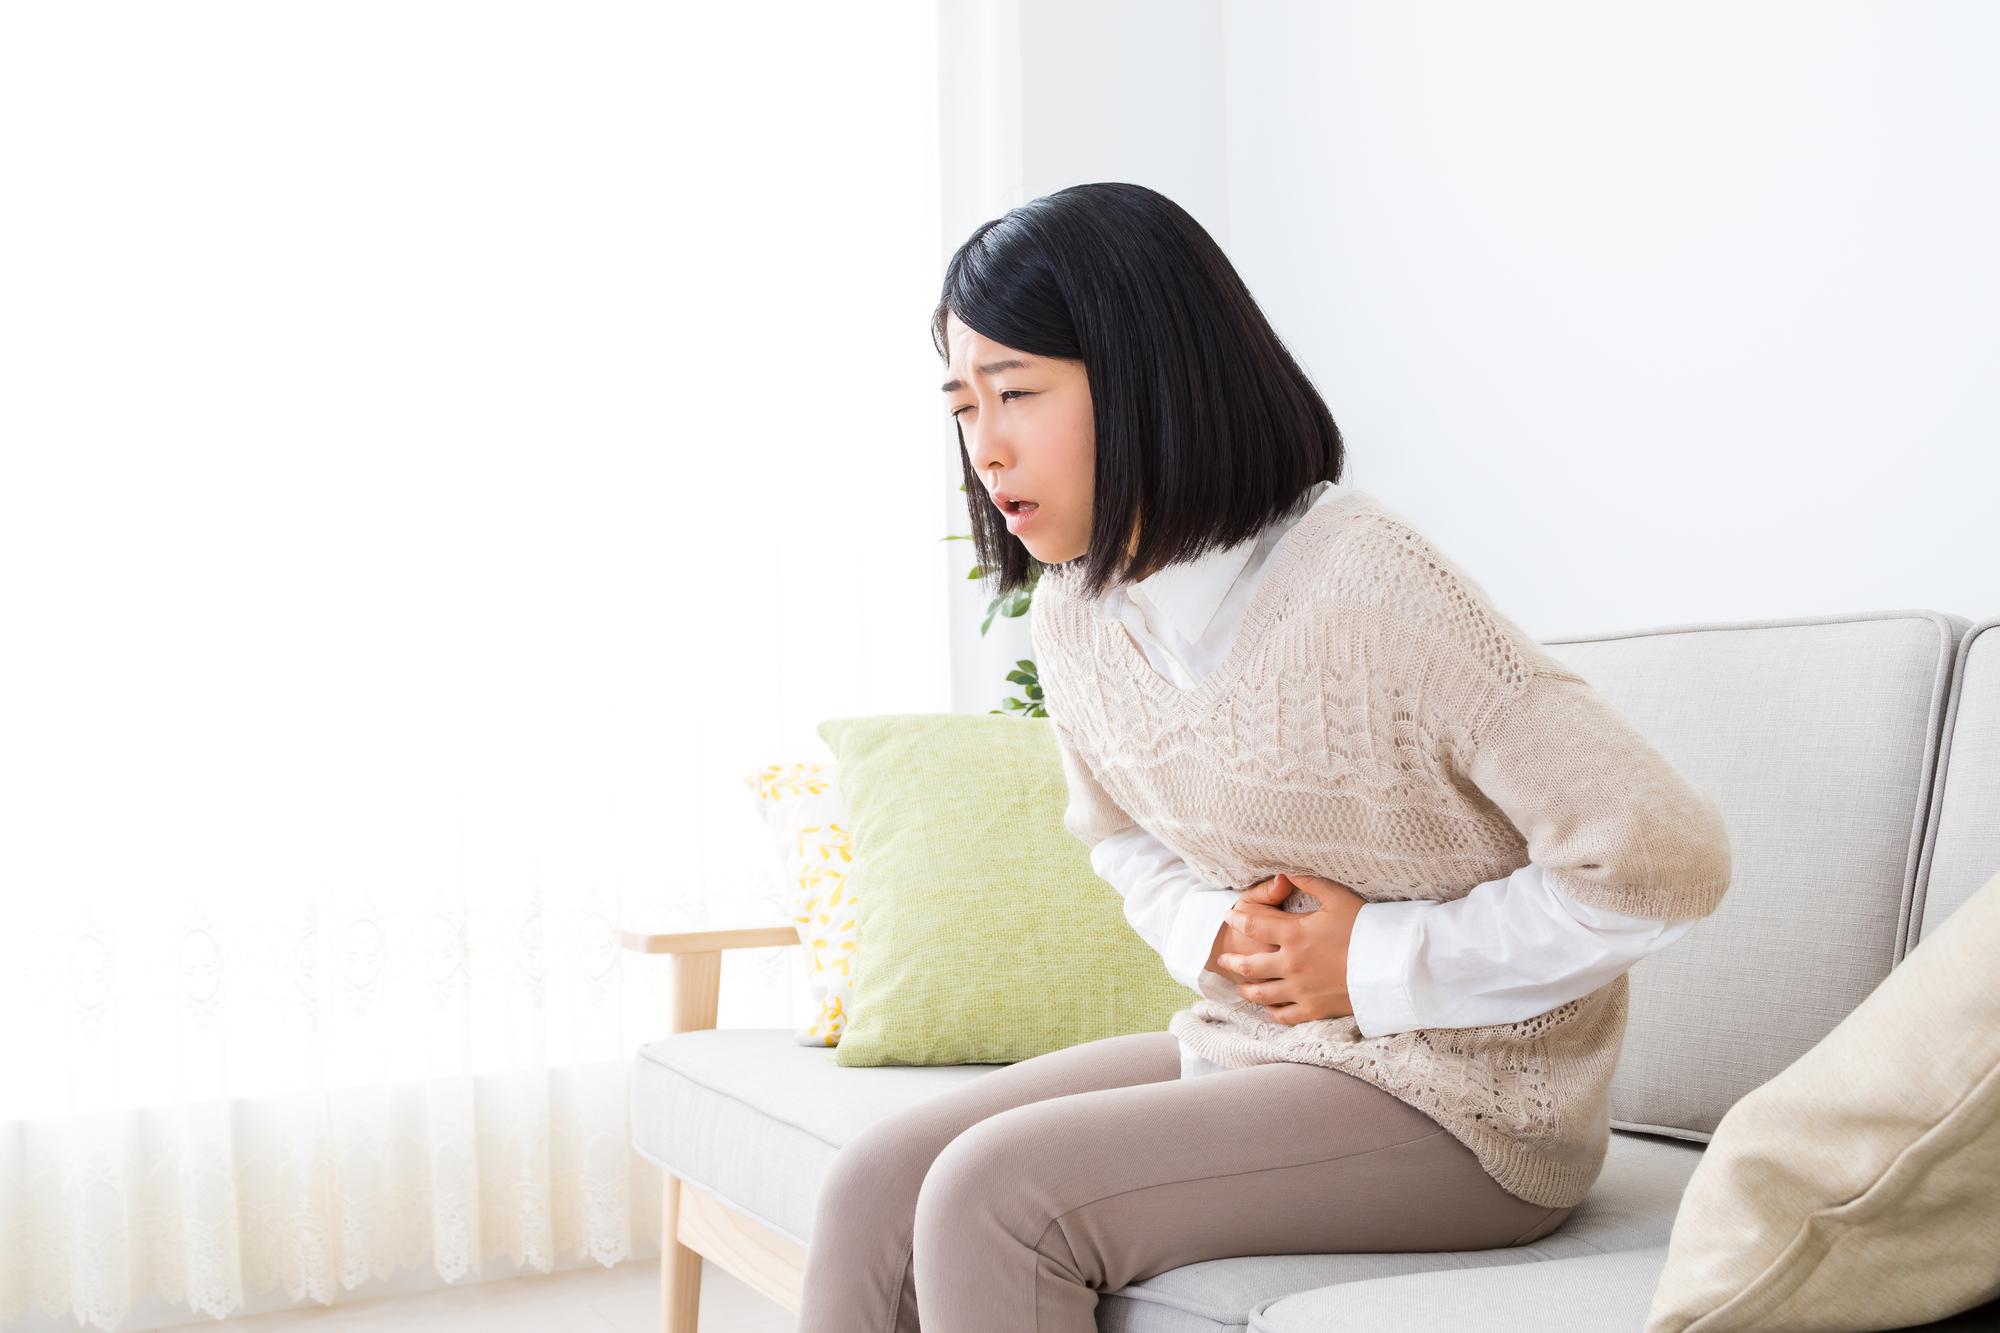 腹部の違和感を感じる女性